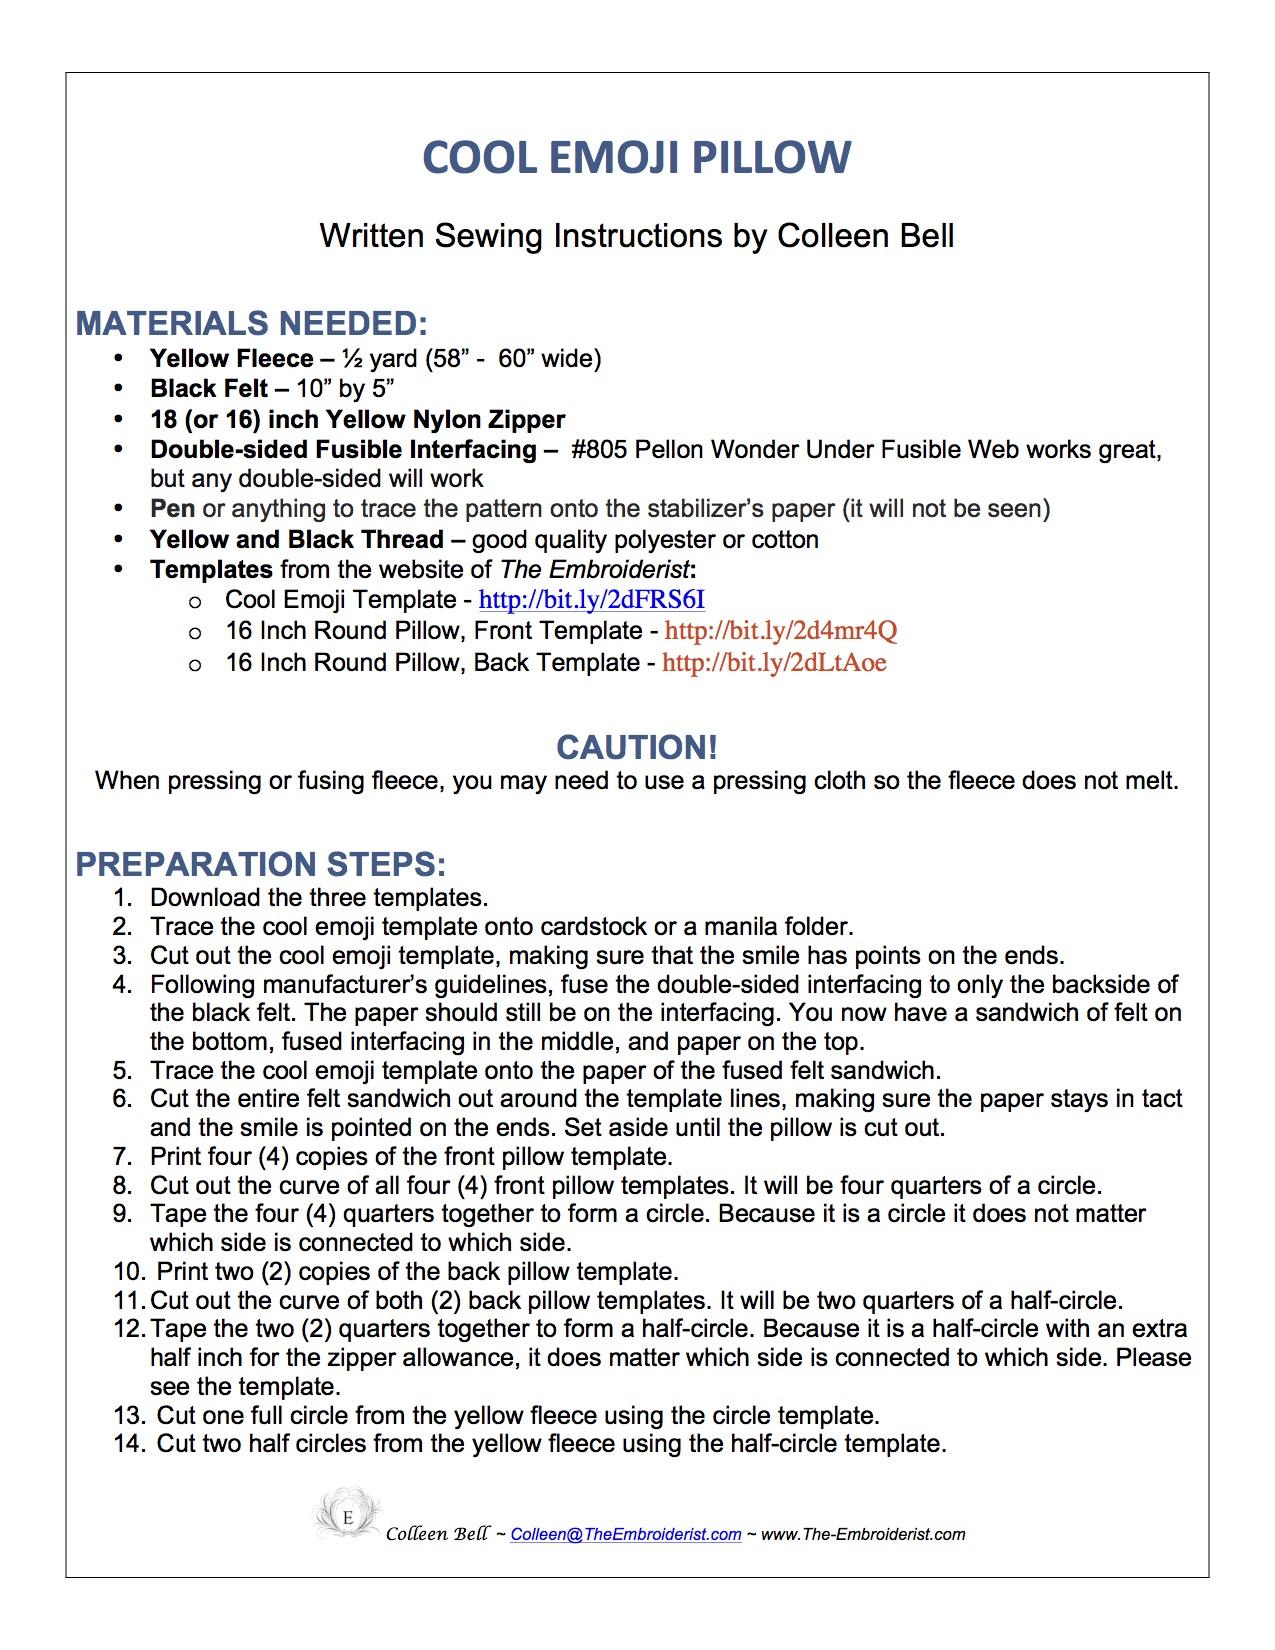 Emoji Pillow Written Instructions.jpg